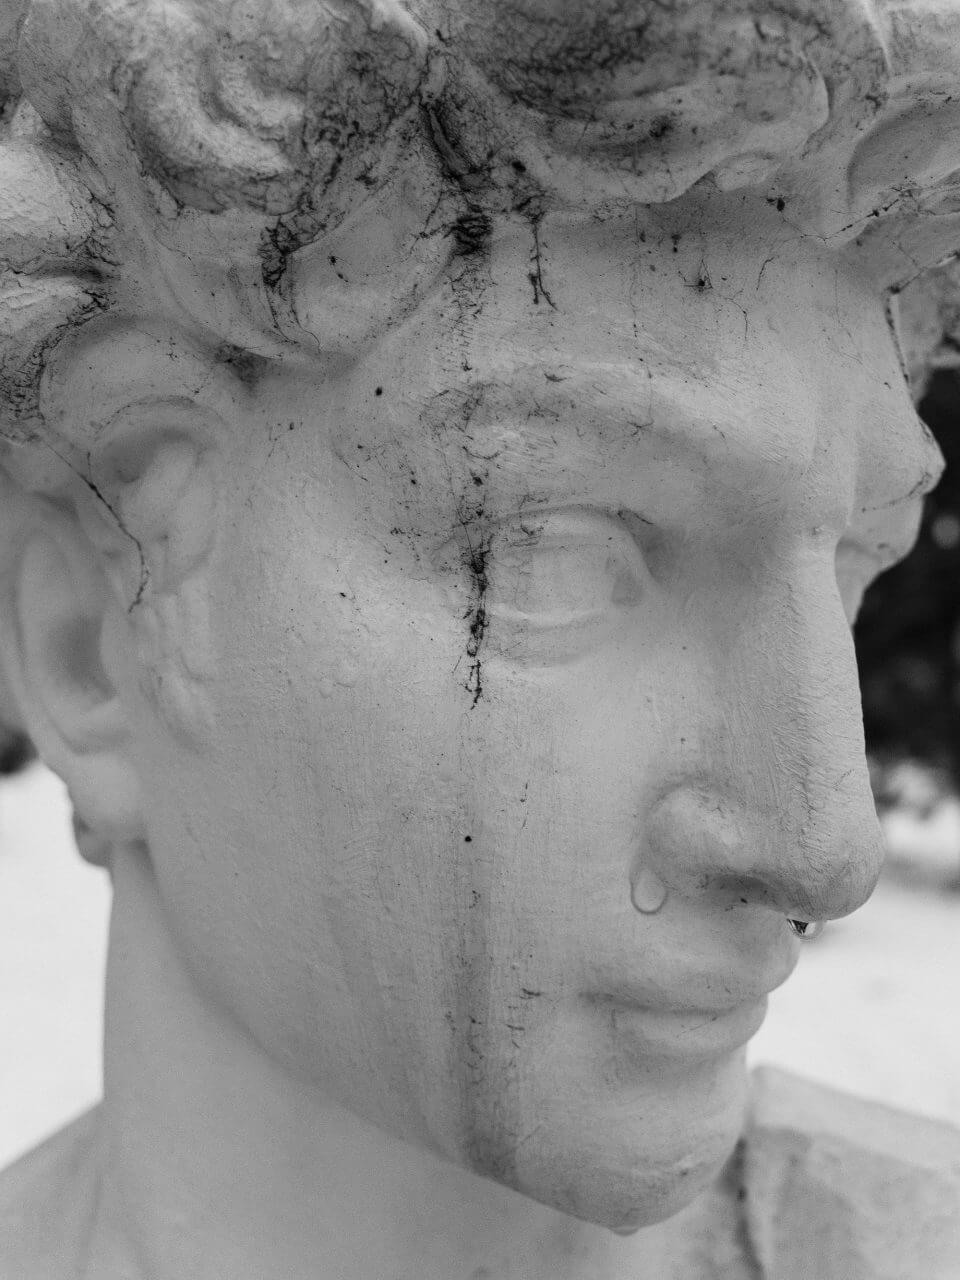 Rzeźba - twarz zmoczona deszczem.